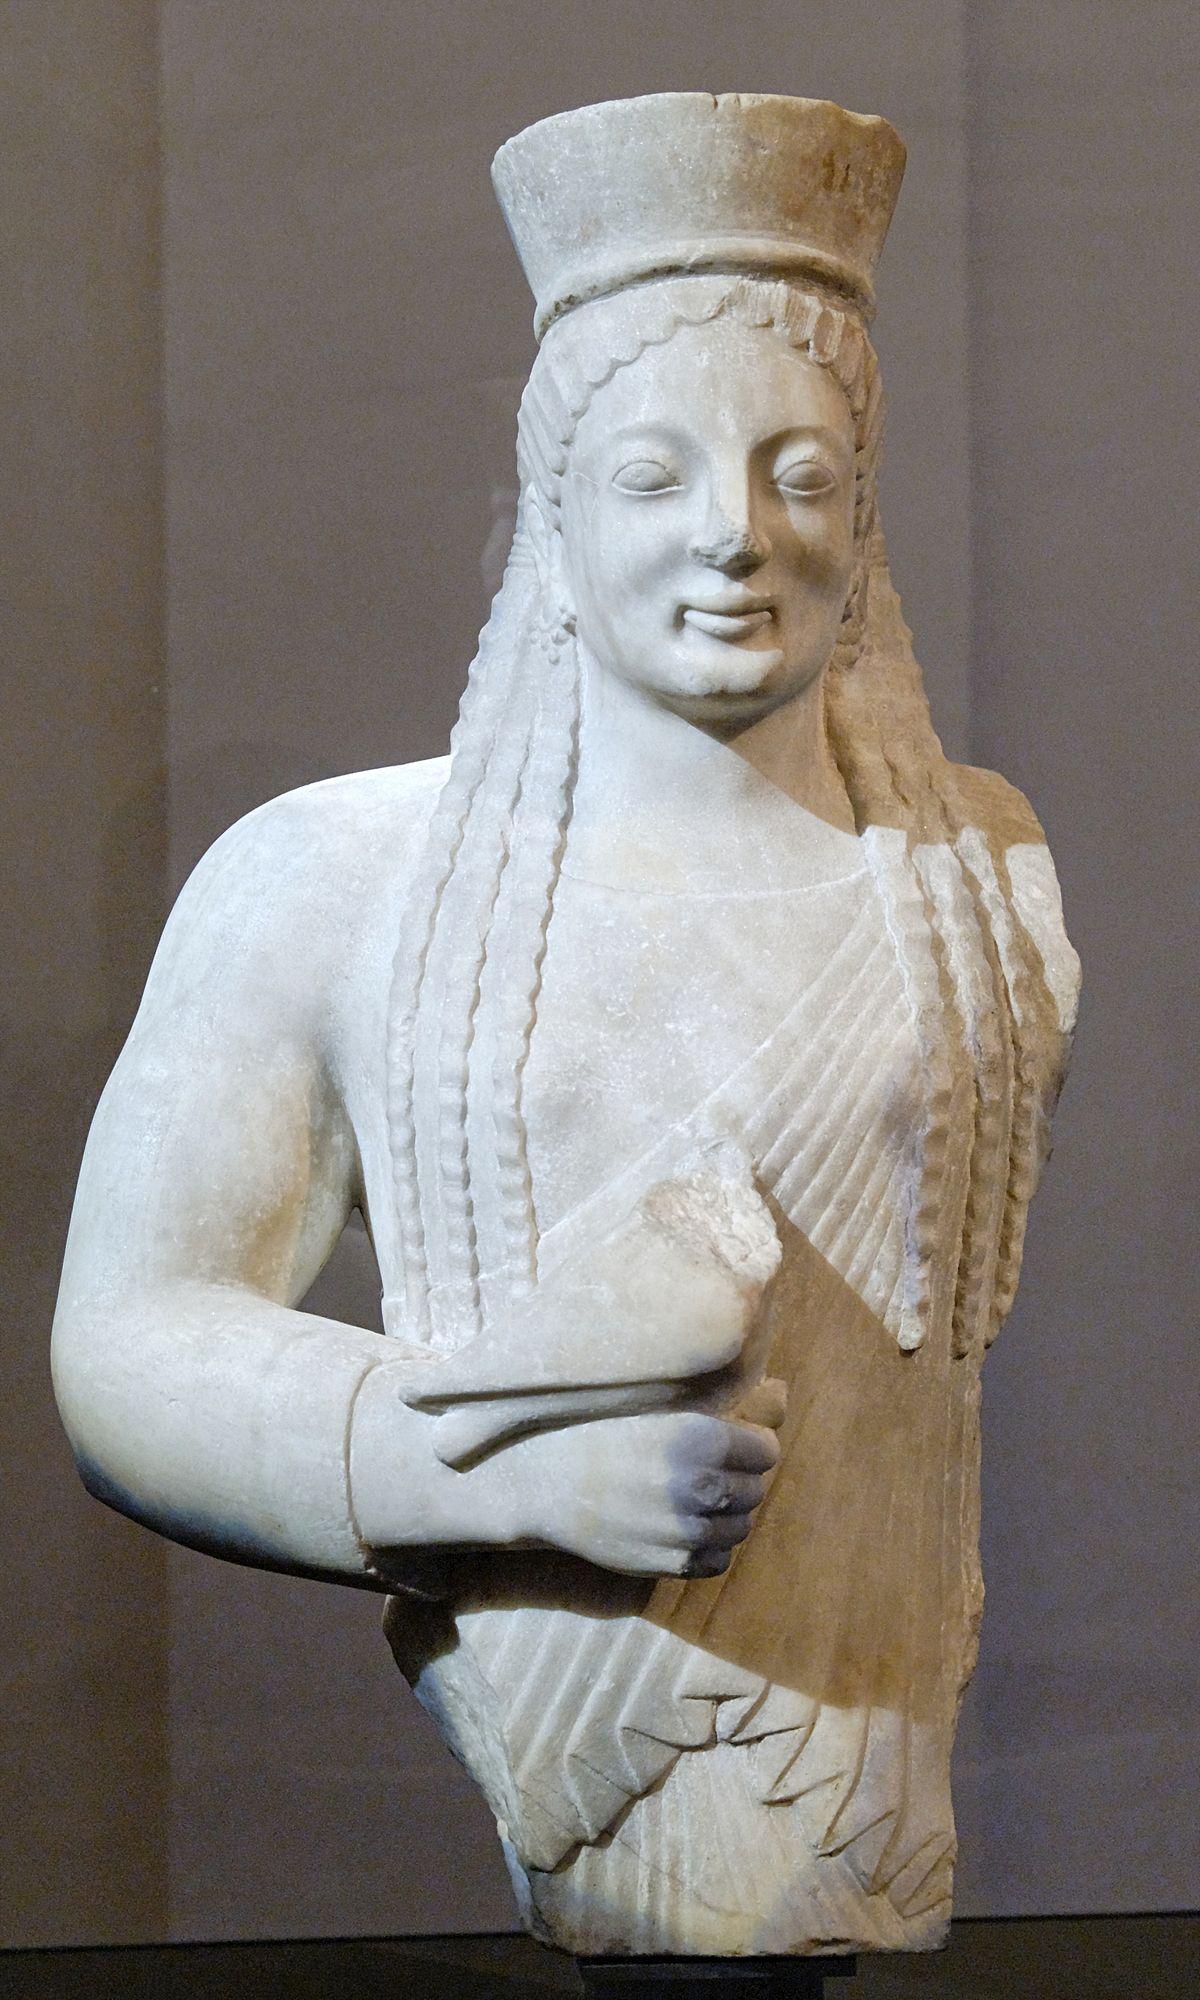 Korai Of The Acropolis Of Athens Wikipedia